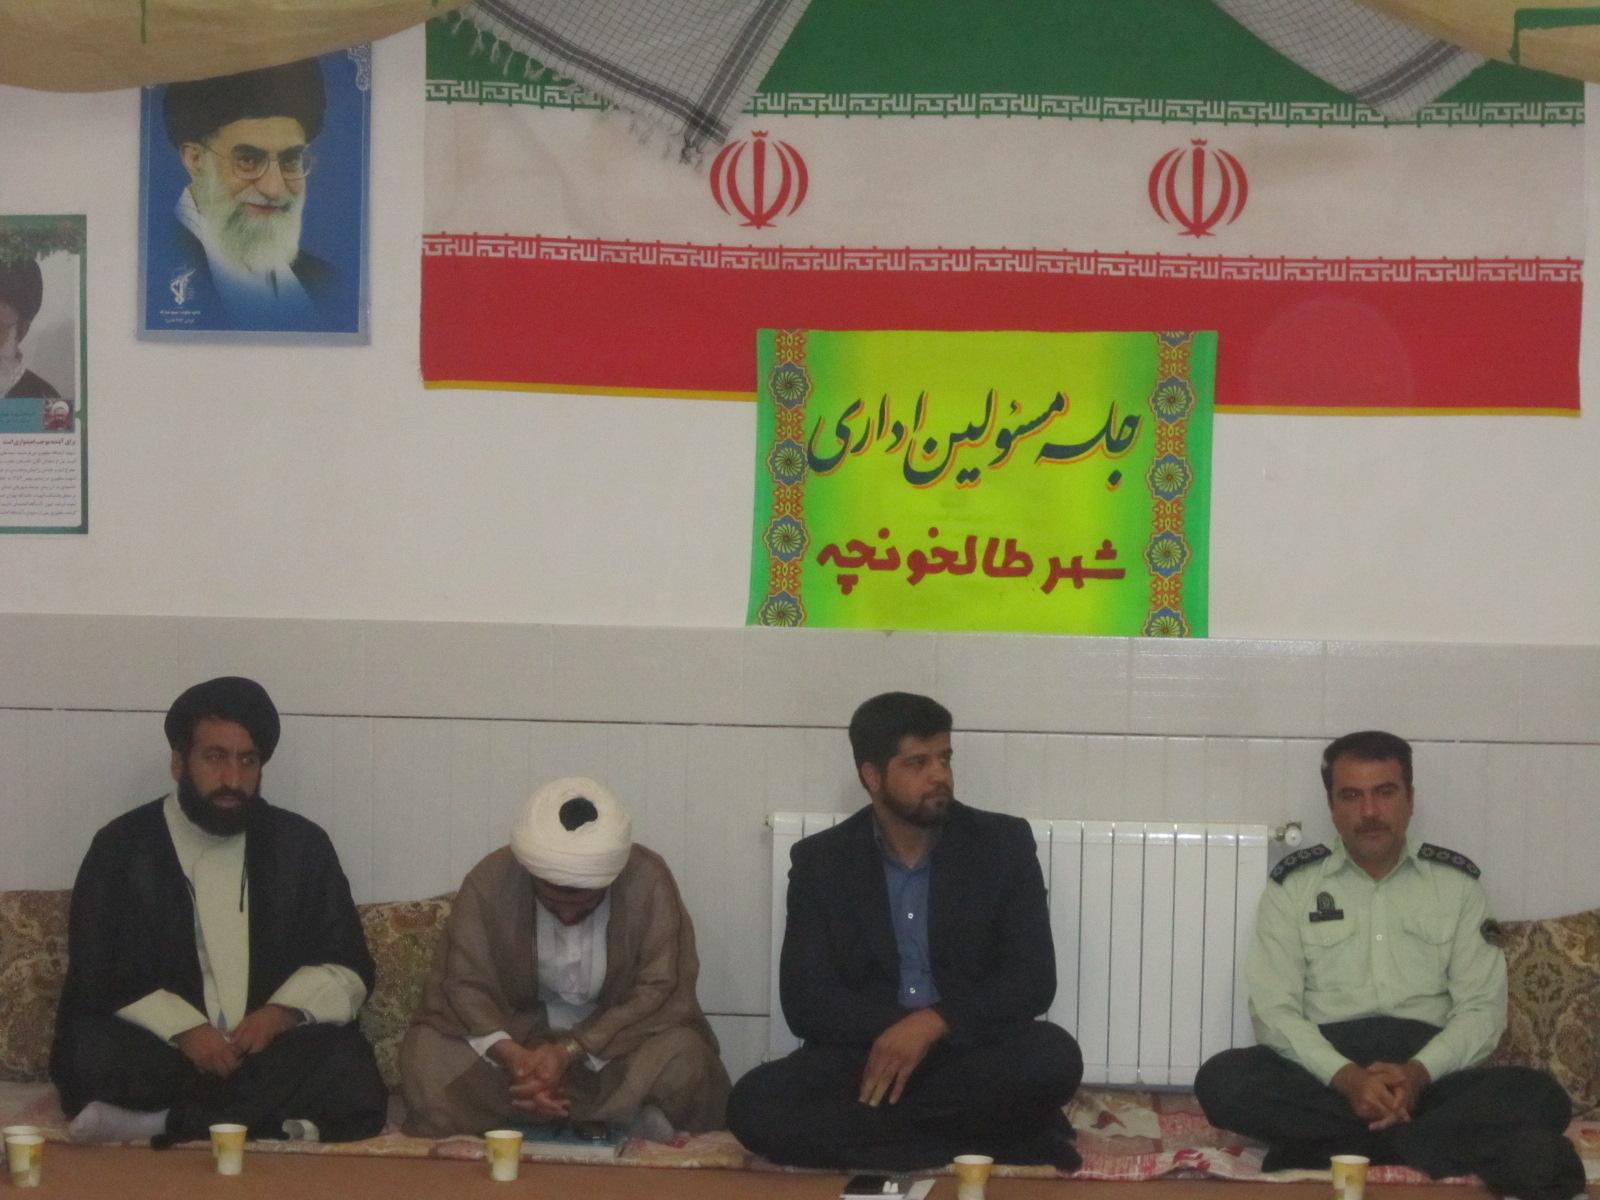 برگزاري جلسه مسئولين اداري شهر طالخونچه